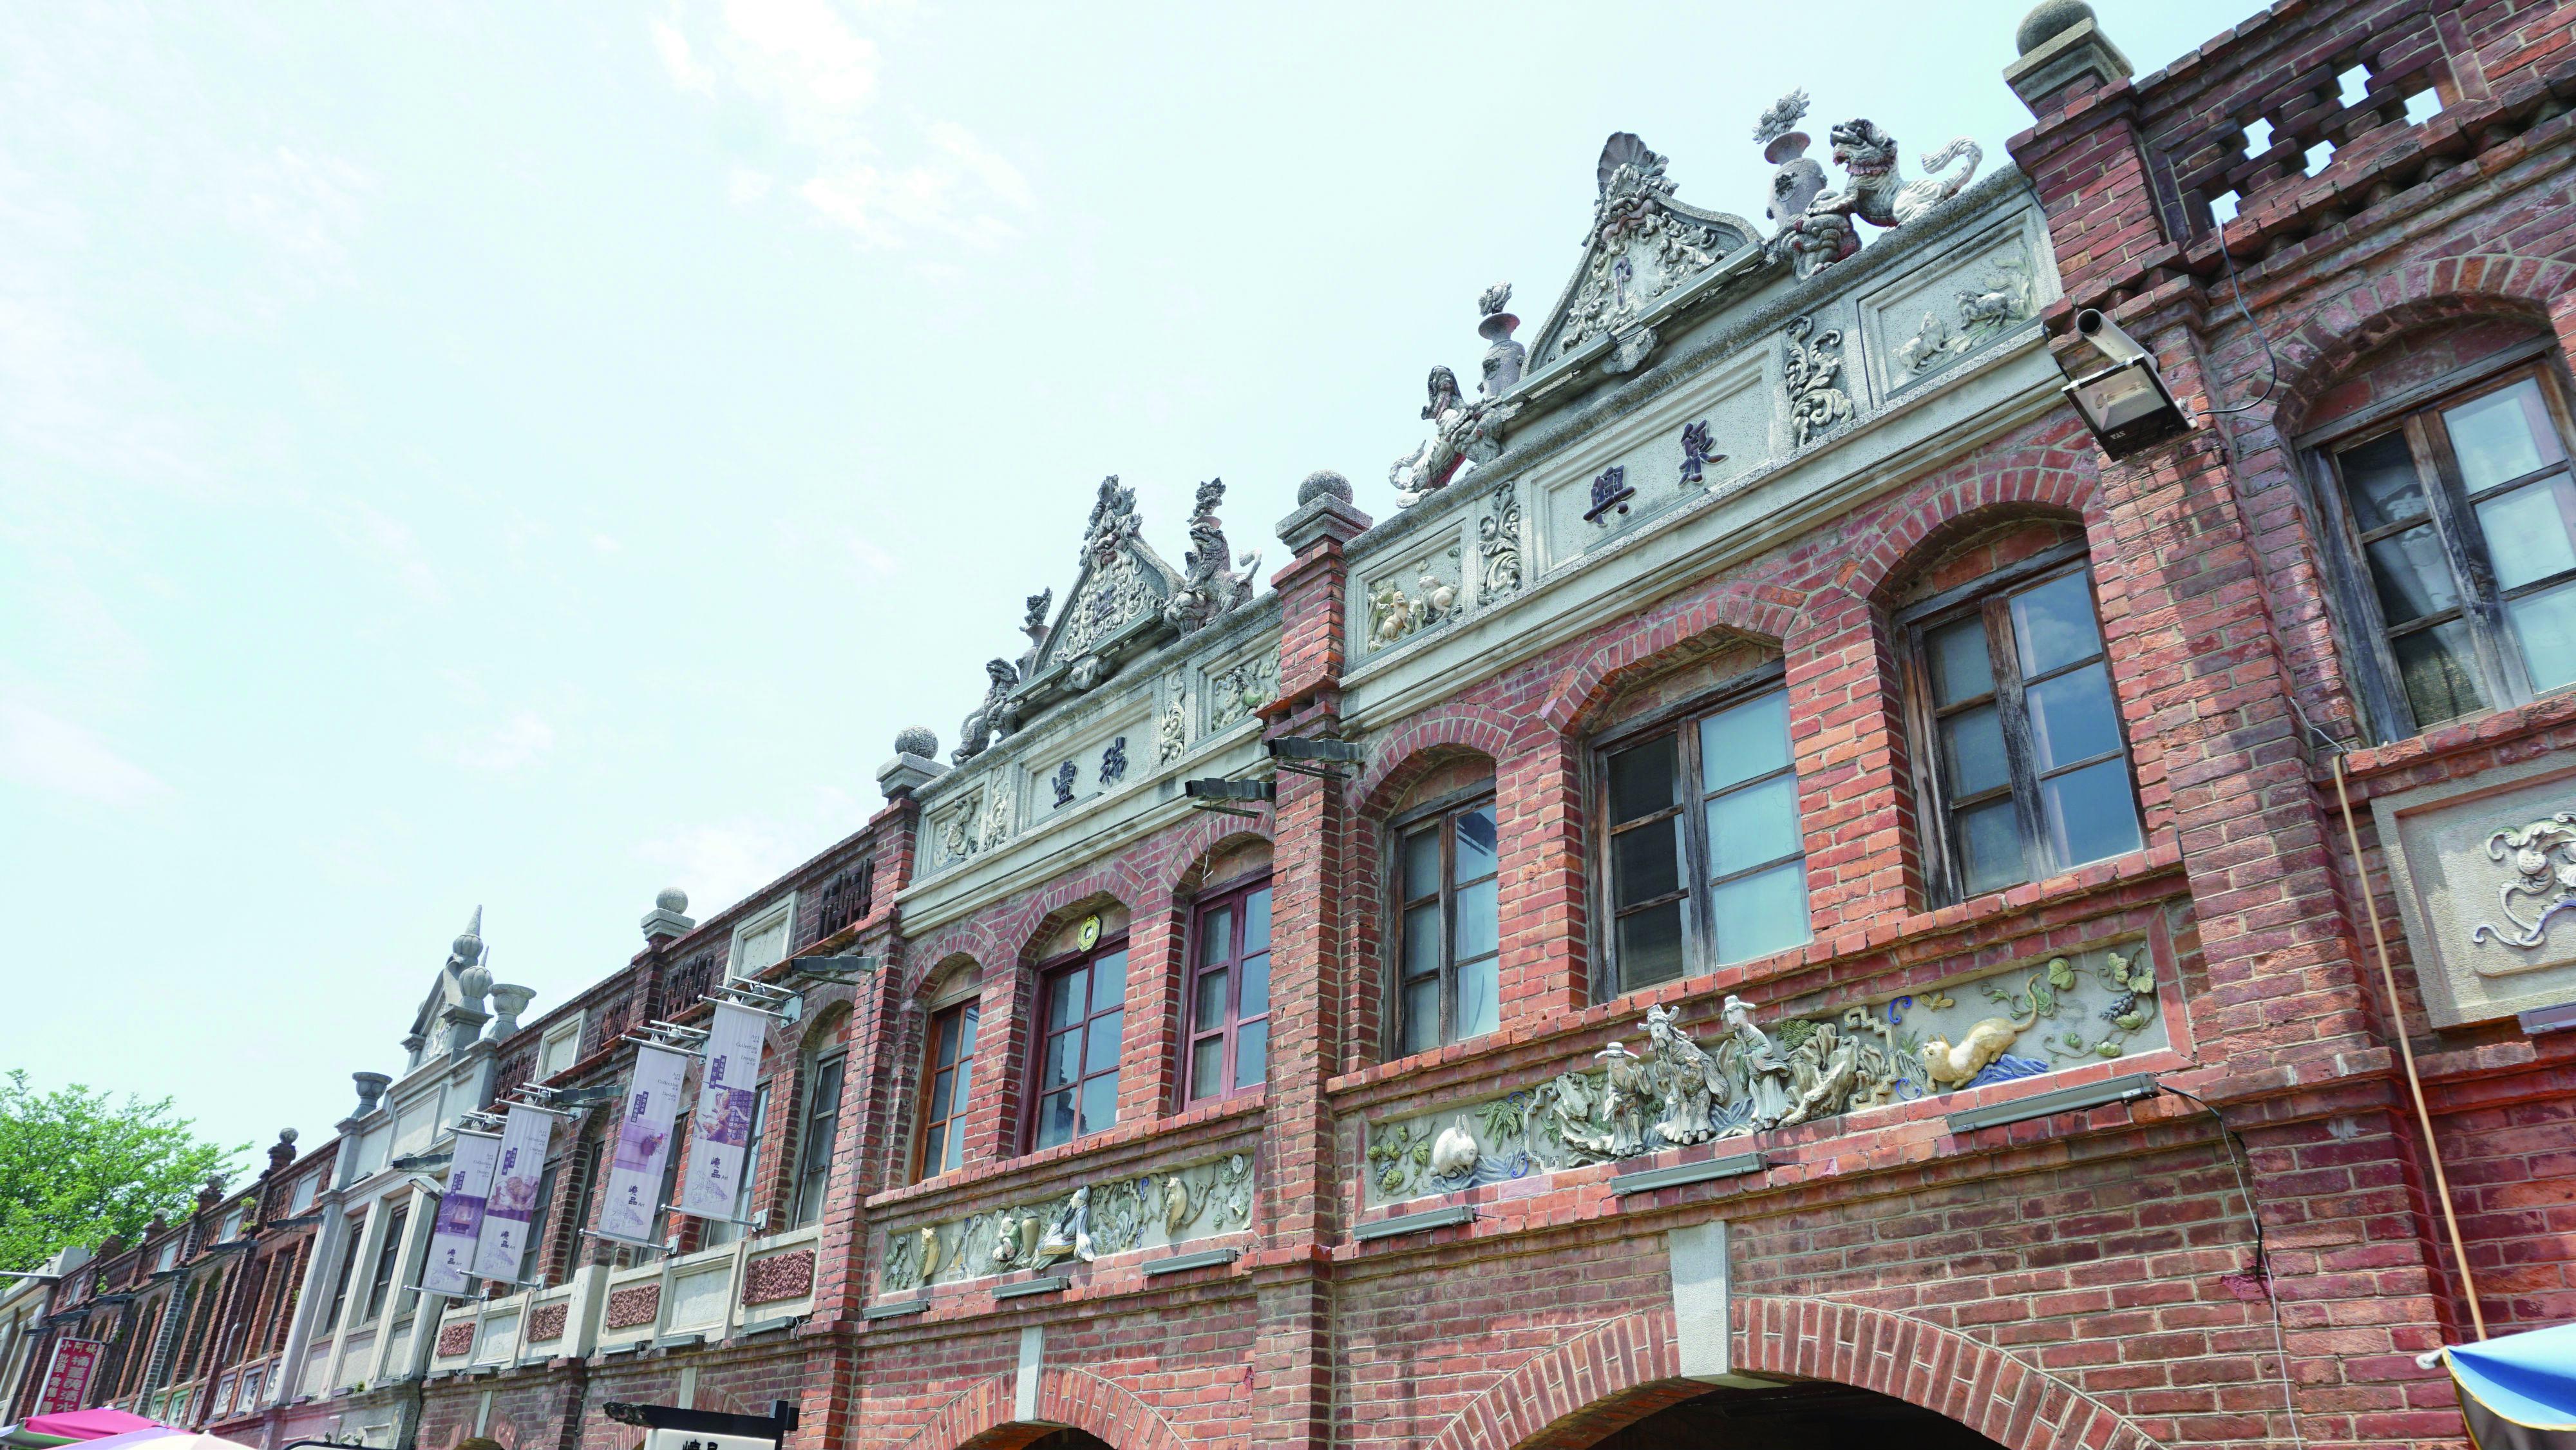 圖2 湖口老街二樓的女兒牆,以立體浮雕為裝飾,每一家戶牌樓上的裝飾與工法,也象徵著該戶人家當時的身份與地位。.JPG